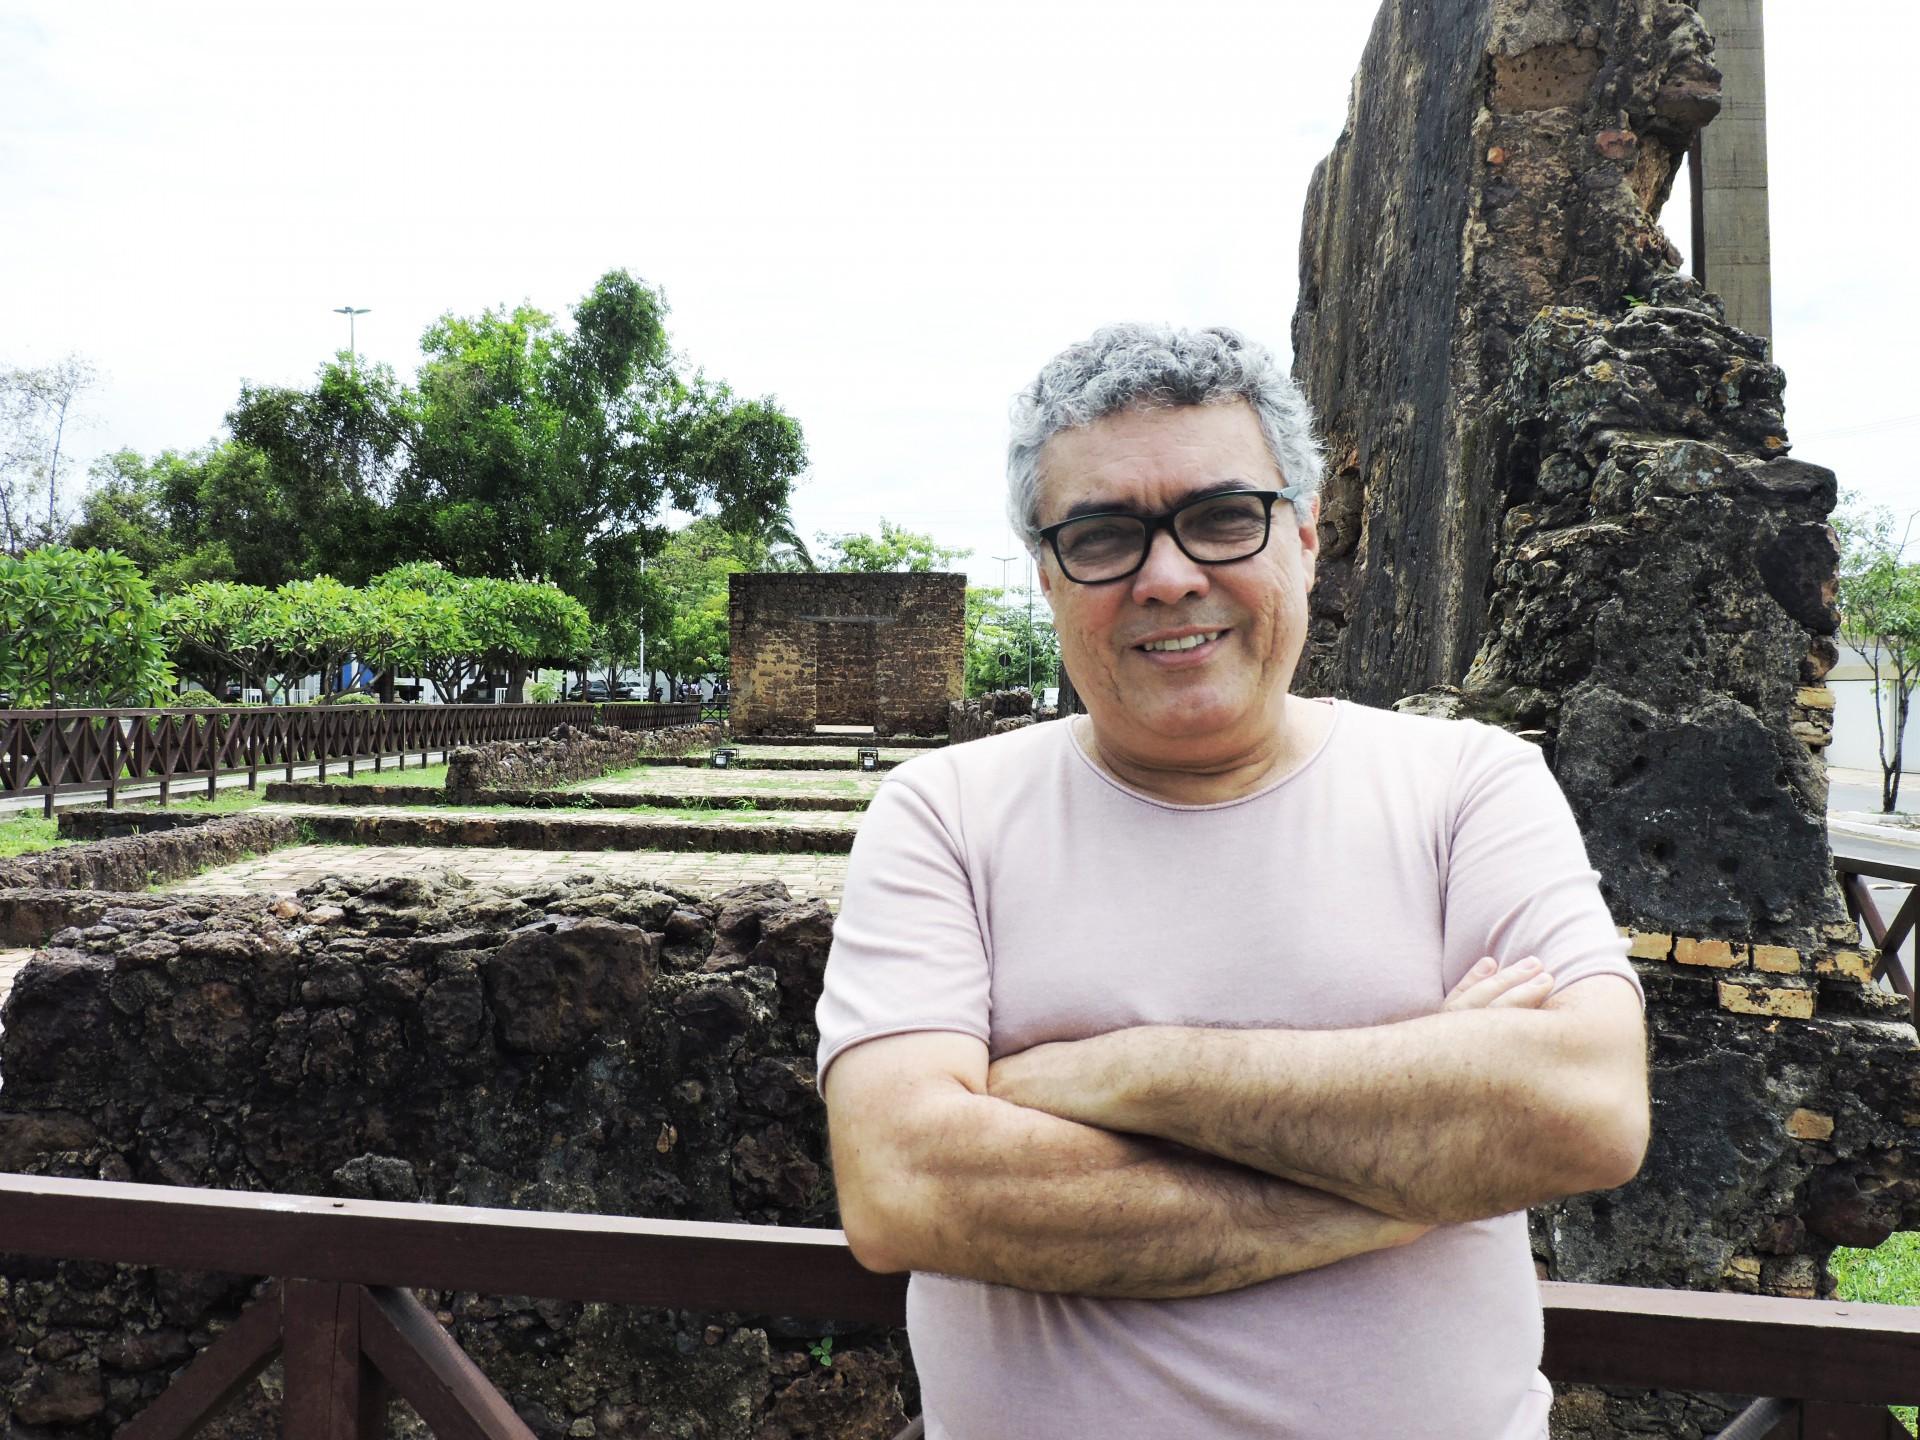 Flávio Paiva em Caxias, no Maranhão, durante expedição para elaboração do livro 'Toque de Avançar' (Foto: Lucas Paiva)